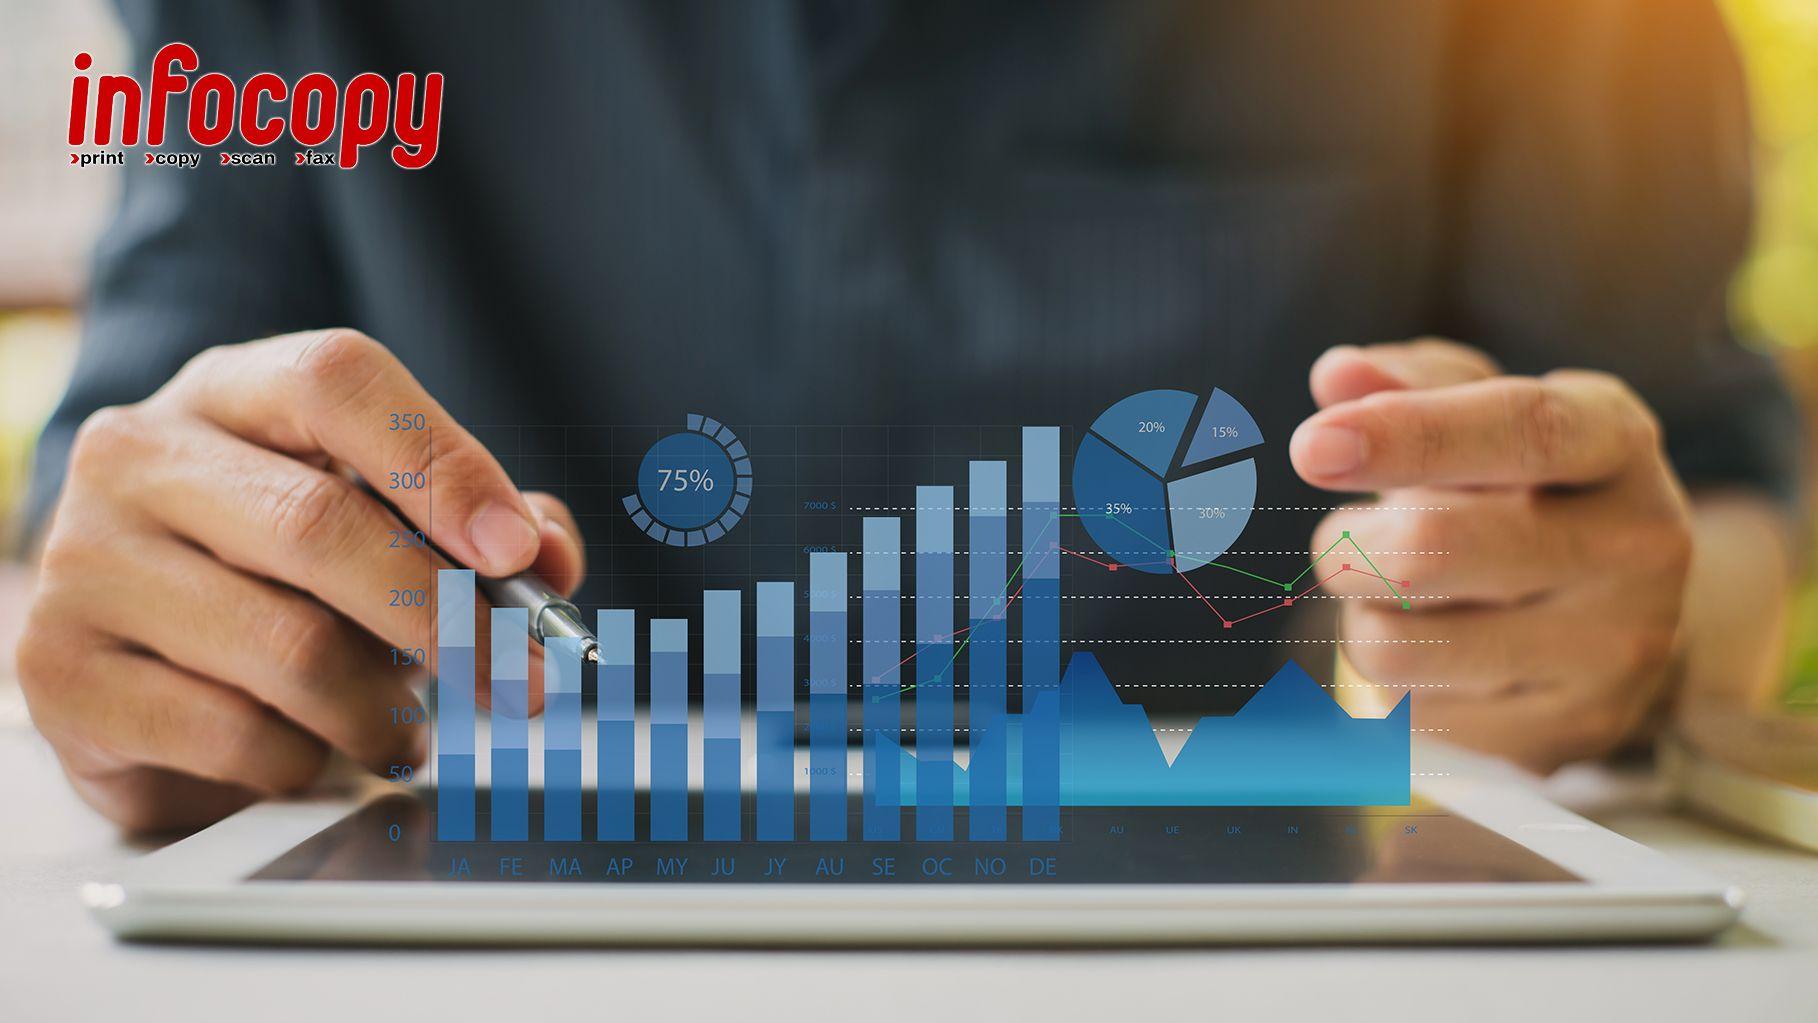 Infocopy explica cómo la tecnología ayuda en la optimización de los procesos productivos